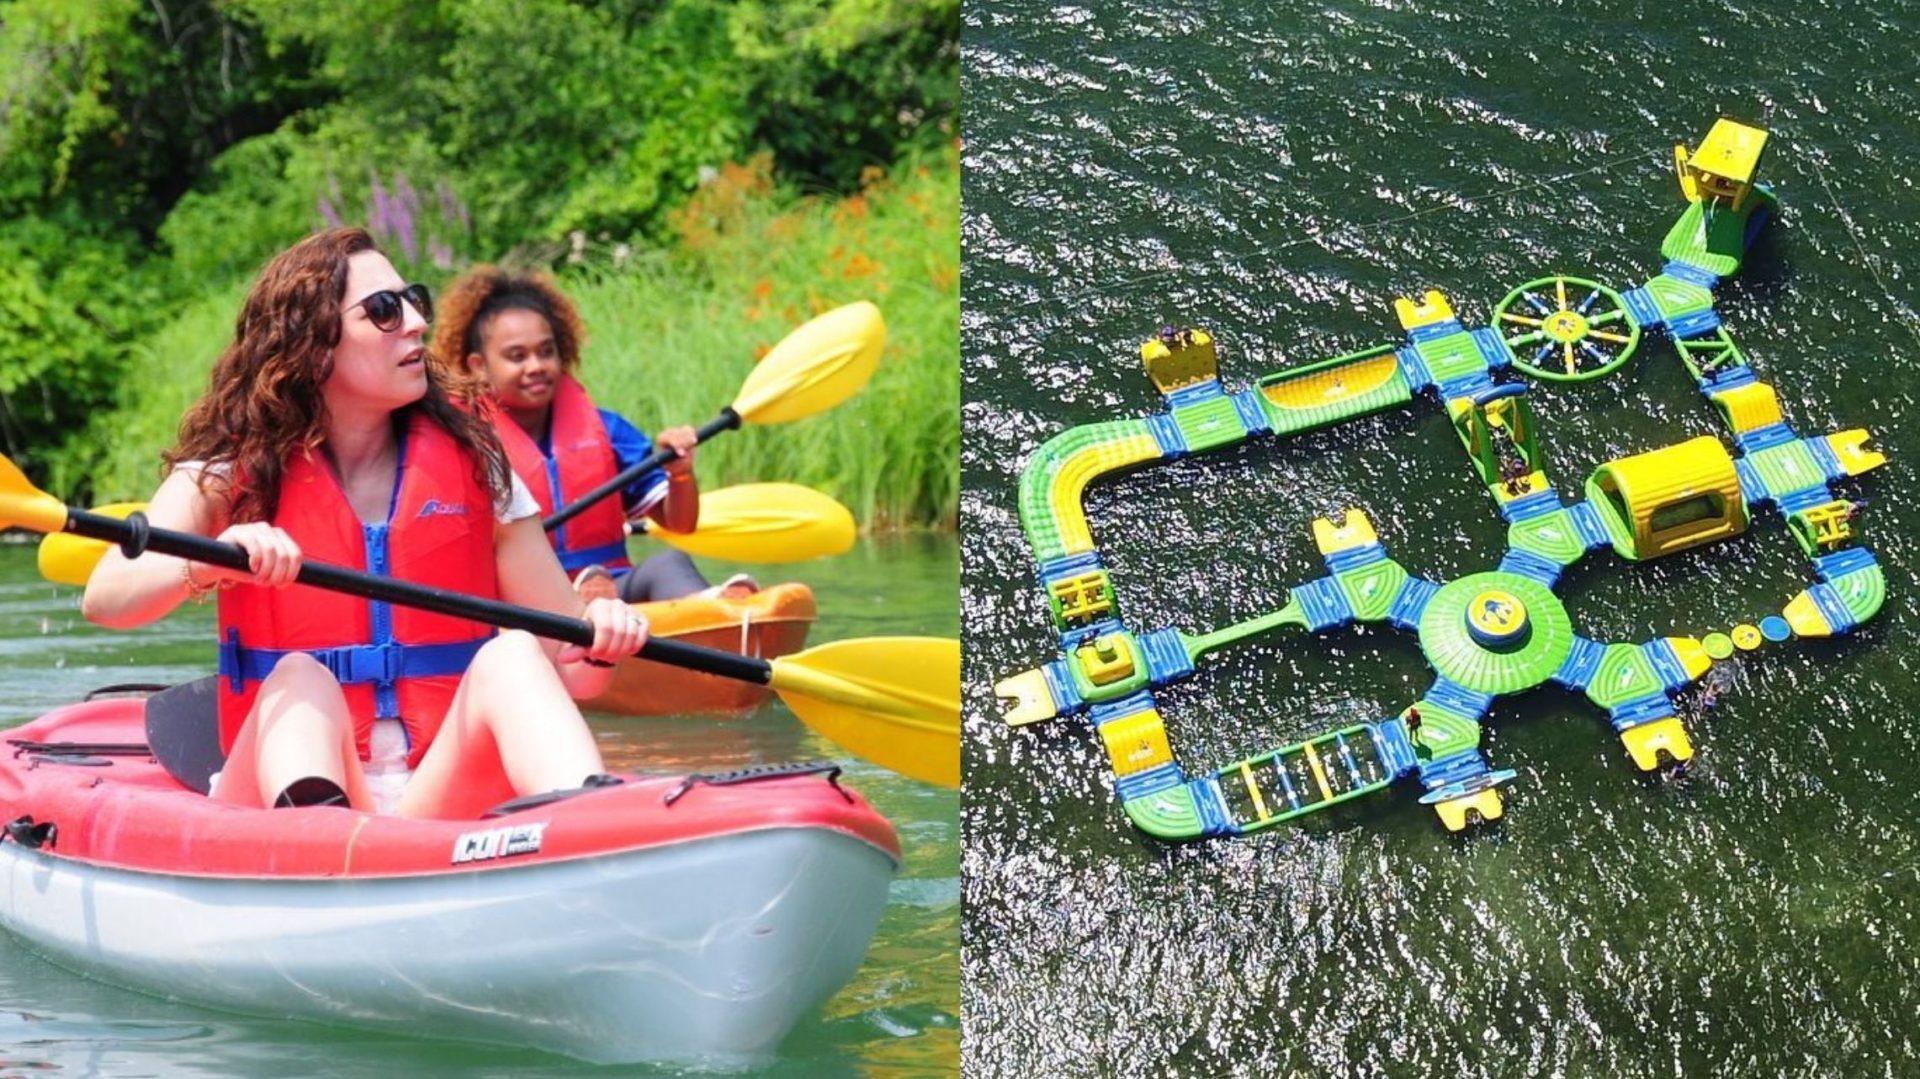 Cette entreprise québécoise vous propose plusieurs activités nautiques et d'aventure, avec 2 mégas parcours à obstacles flottants!